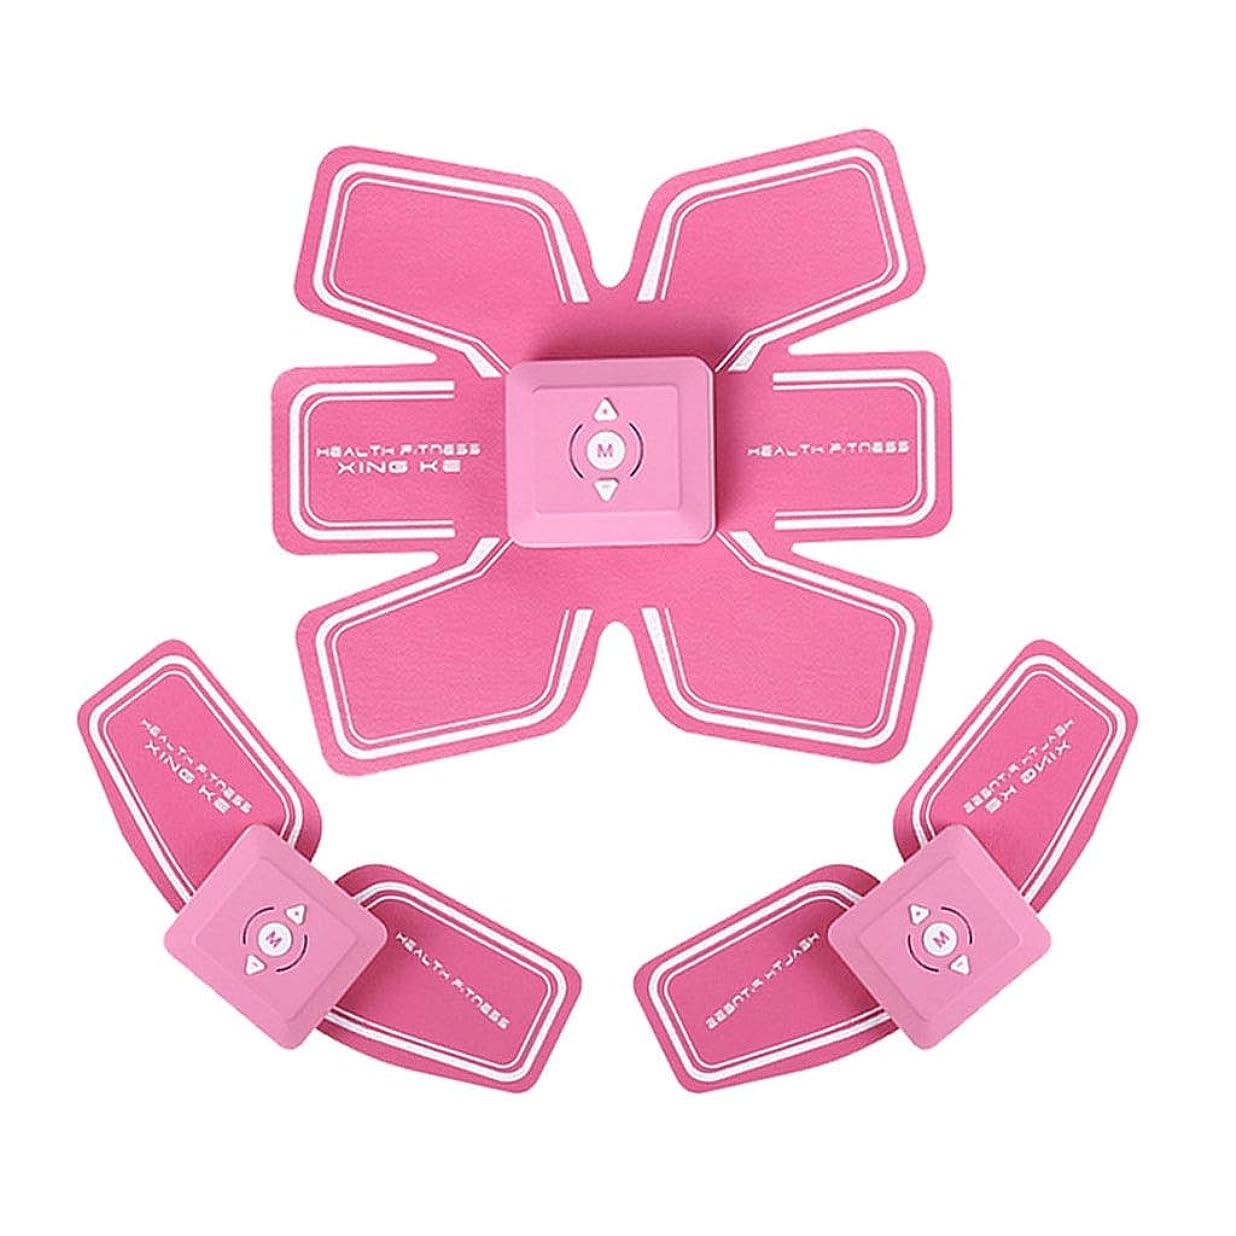 クローゼット強打雄弁家ABSトレーナーEMS筋肉刺激装置付きLCDディスプレイUSB充電式究極腹部刺激装置付きリズムソフトインパルス6モード9レベルポータブル (Color : Pink, Size : A+2B)